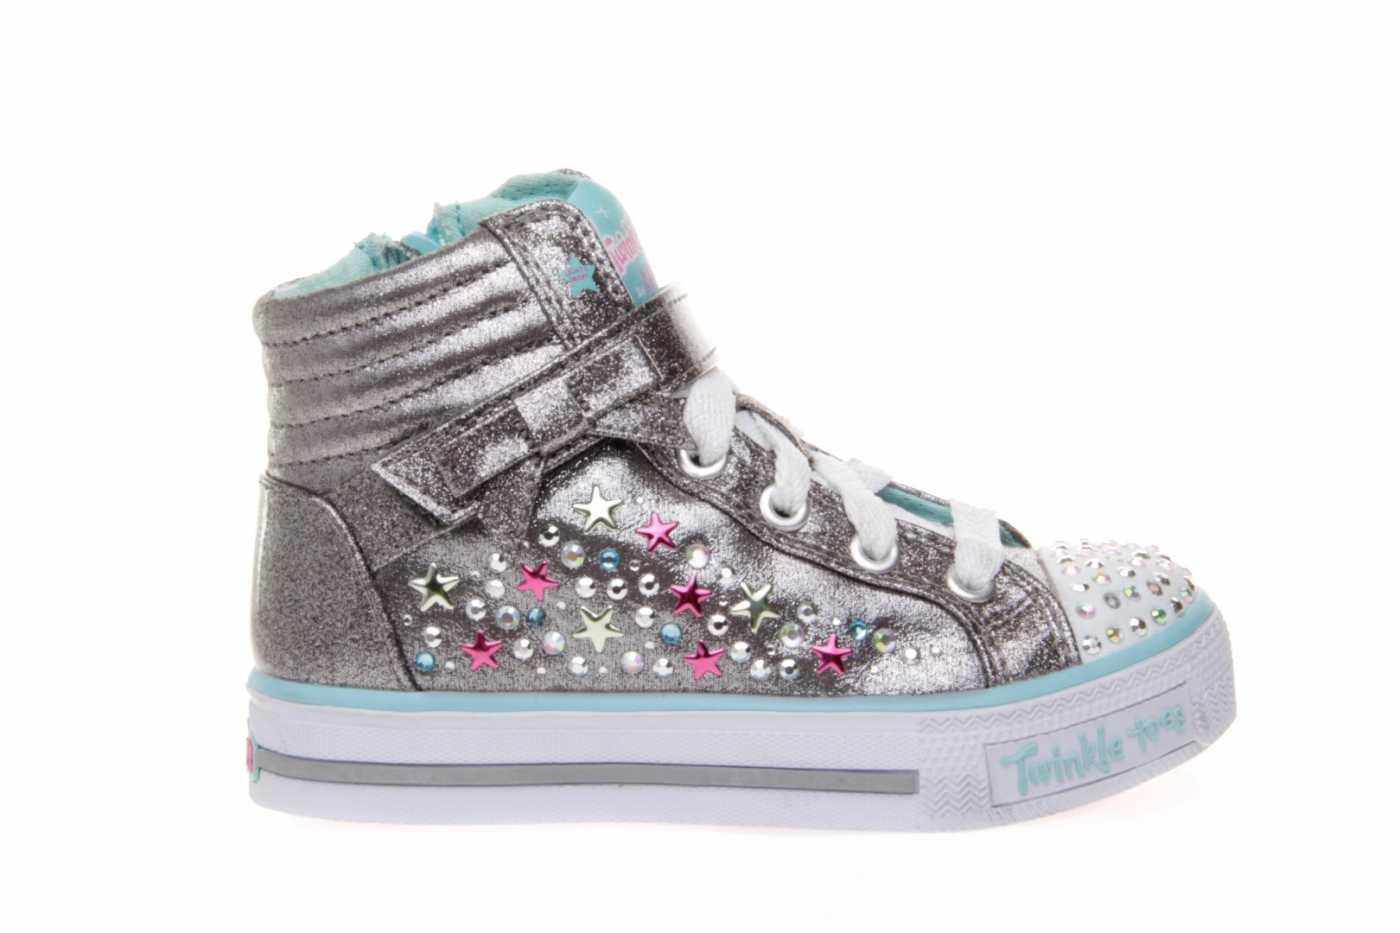 35378c78420 Comprar zapato tipo JOVEN NIÑA estilo LONA COLOR PLATA METALIZADO ...